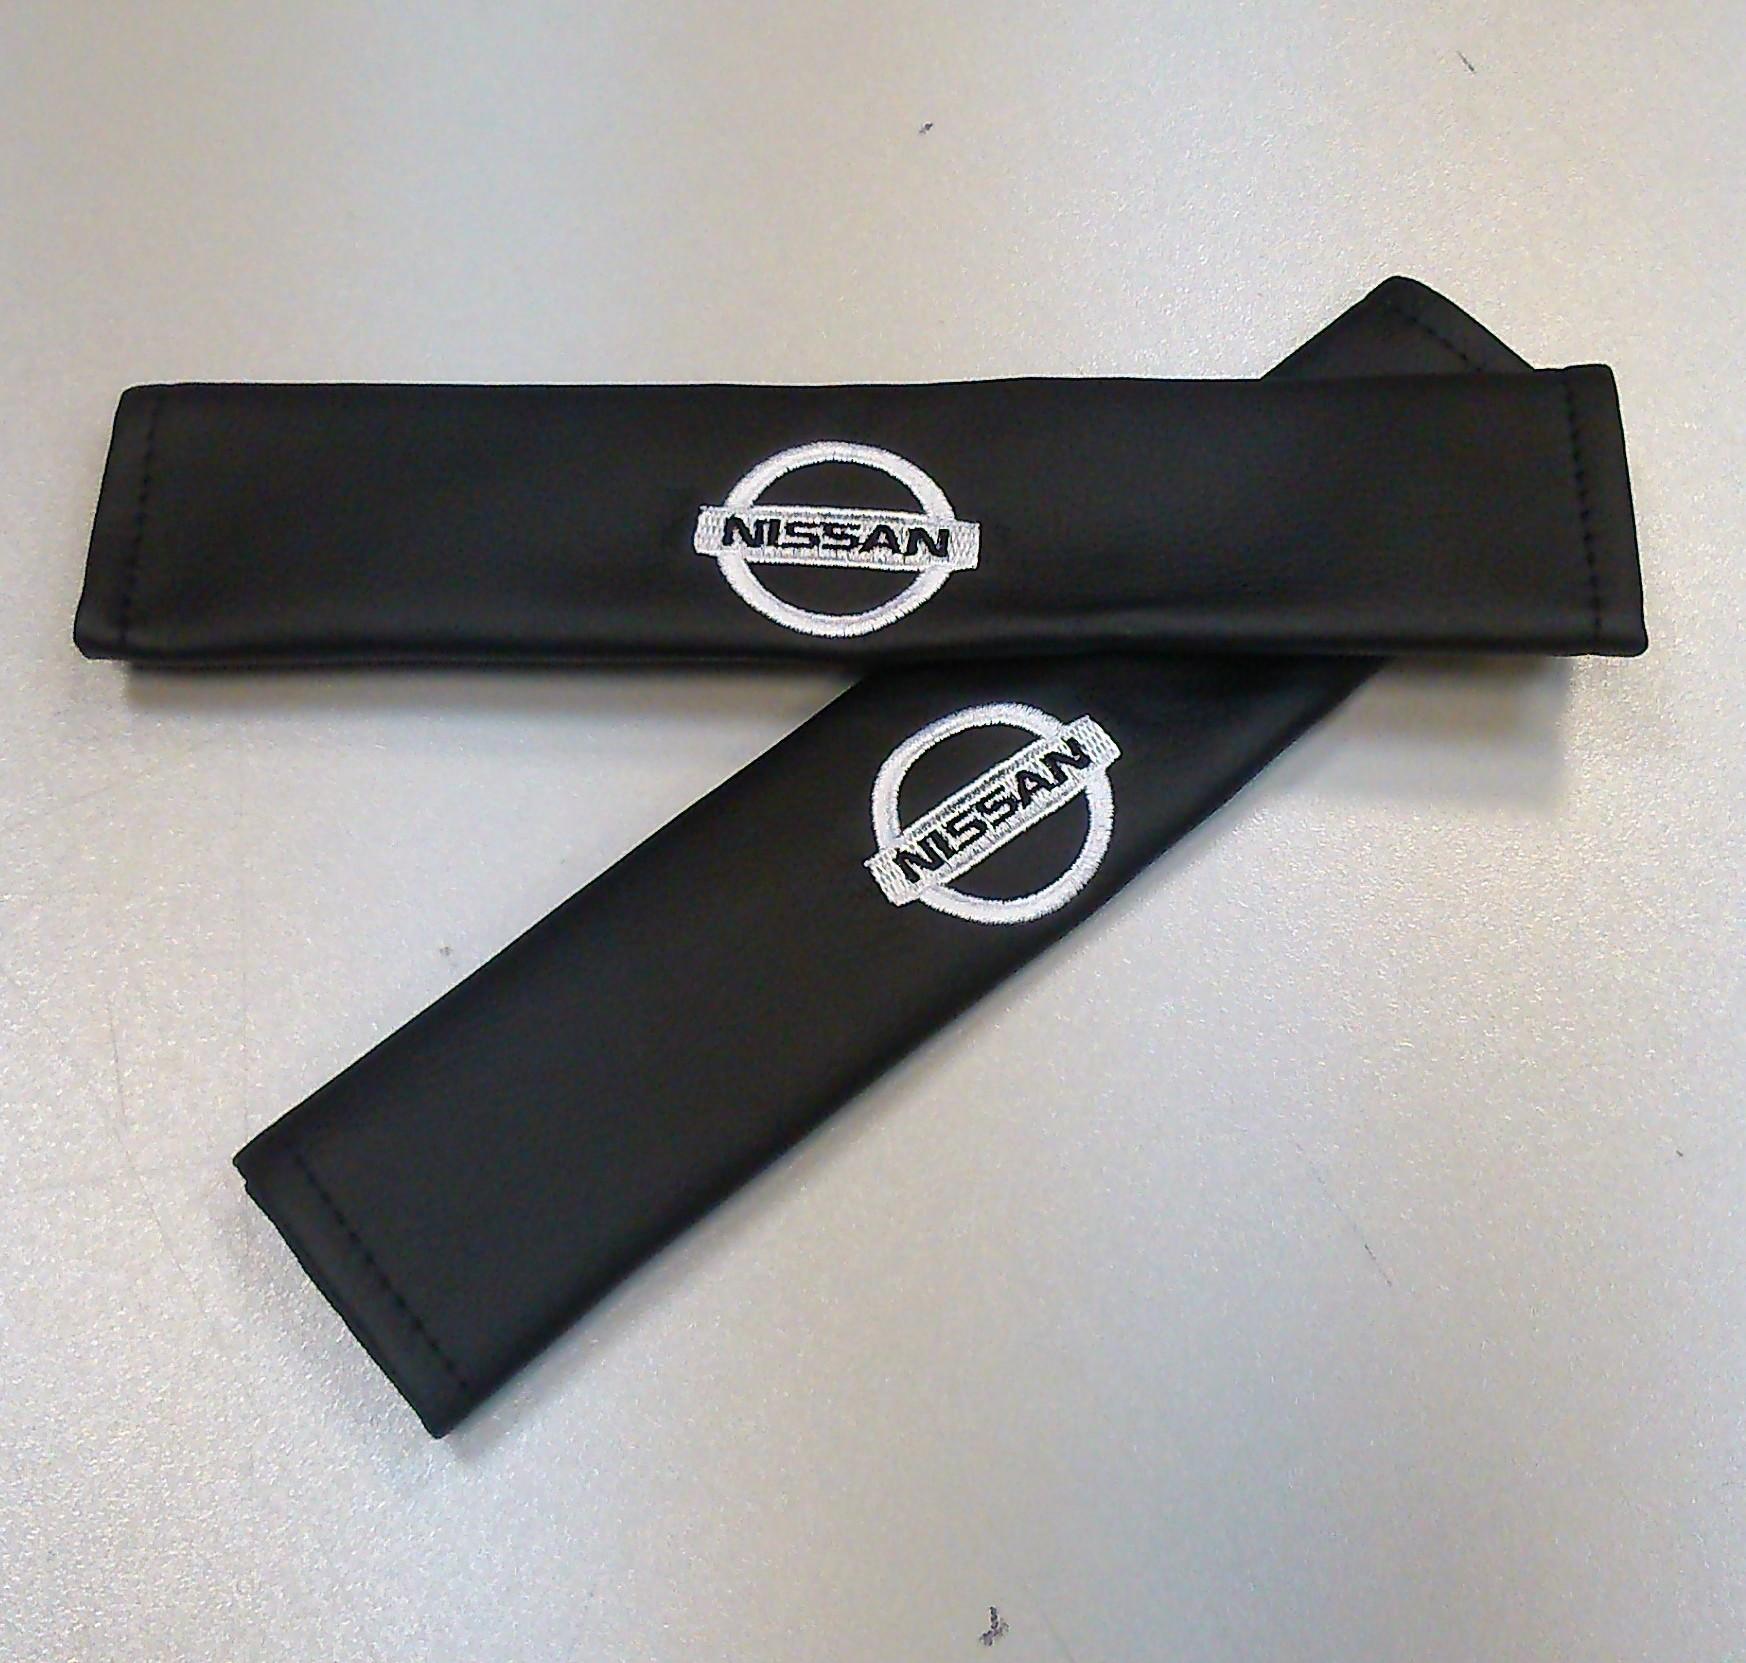 Накладки на ремень безопасности Auto Premium Nissan, 2 шт98298130Накладка Auto Premium Nissan легко закрепляется на ремне безопасности и решает ряд назойливых проблем. Ремень больше не натрет плечо, благодаря тому, что изделие выполнено из мягкой экокожи и не мешает движению ремня. Накладка позволит защитить вашу одежду от следов ремня безопасности. В жаркую погоду в местах соприкосновения с ремнем кожа не будет потеть, так как накладка выполнена из дышащего материала.